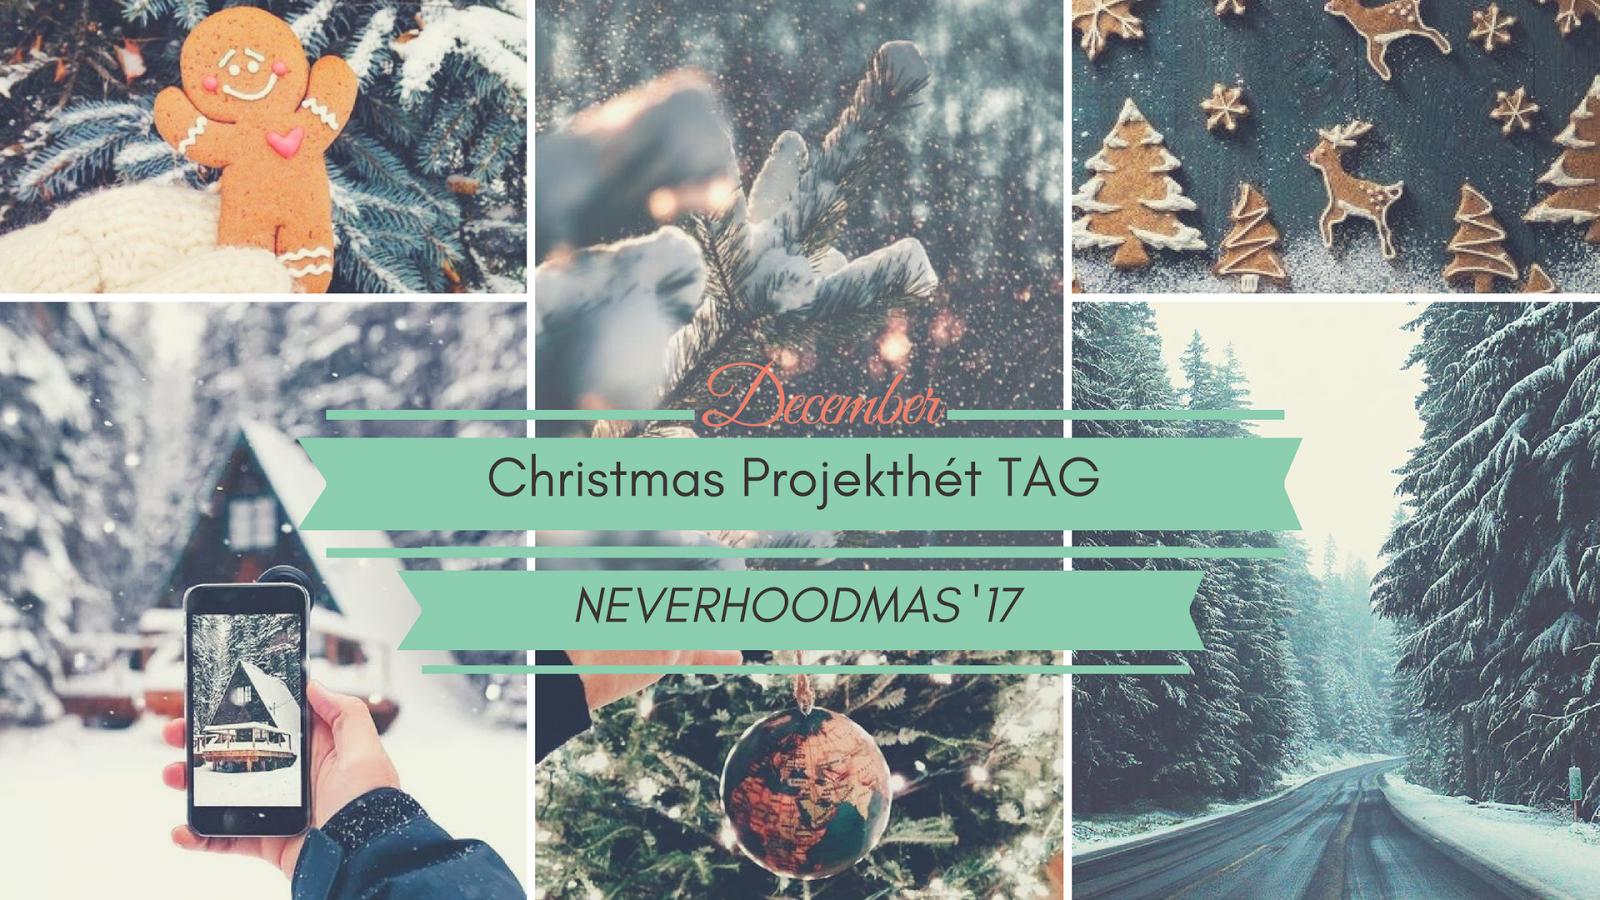 Christmas Projekthet TAG - Neverhoodmas '17